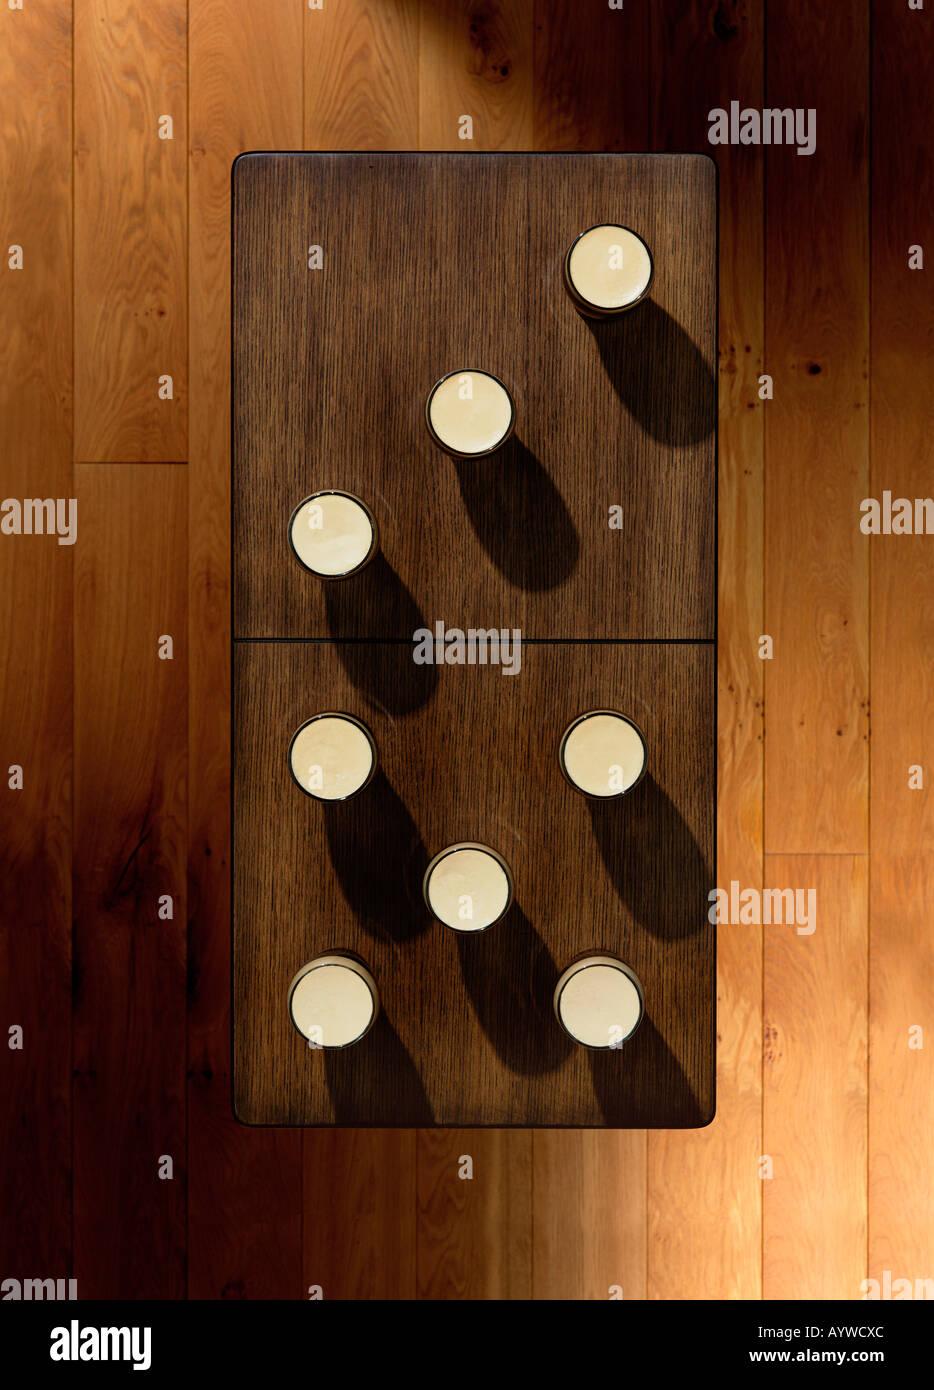 Sobrecarga de um shot de uma tabela com alguns pints colocados no que ele também a aparência de um Domino Imagens de Stock